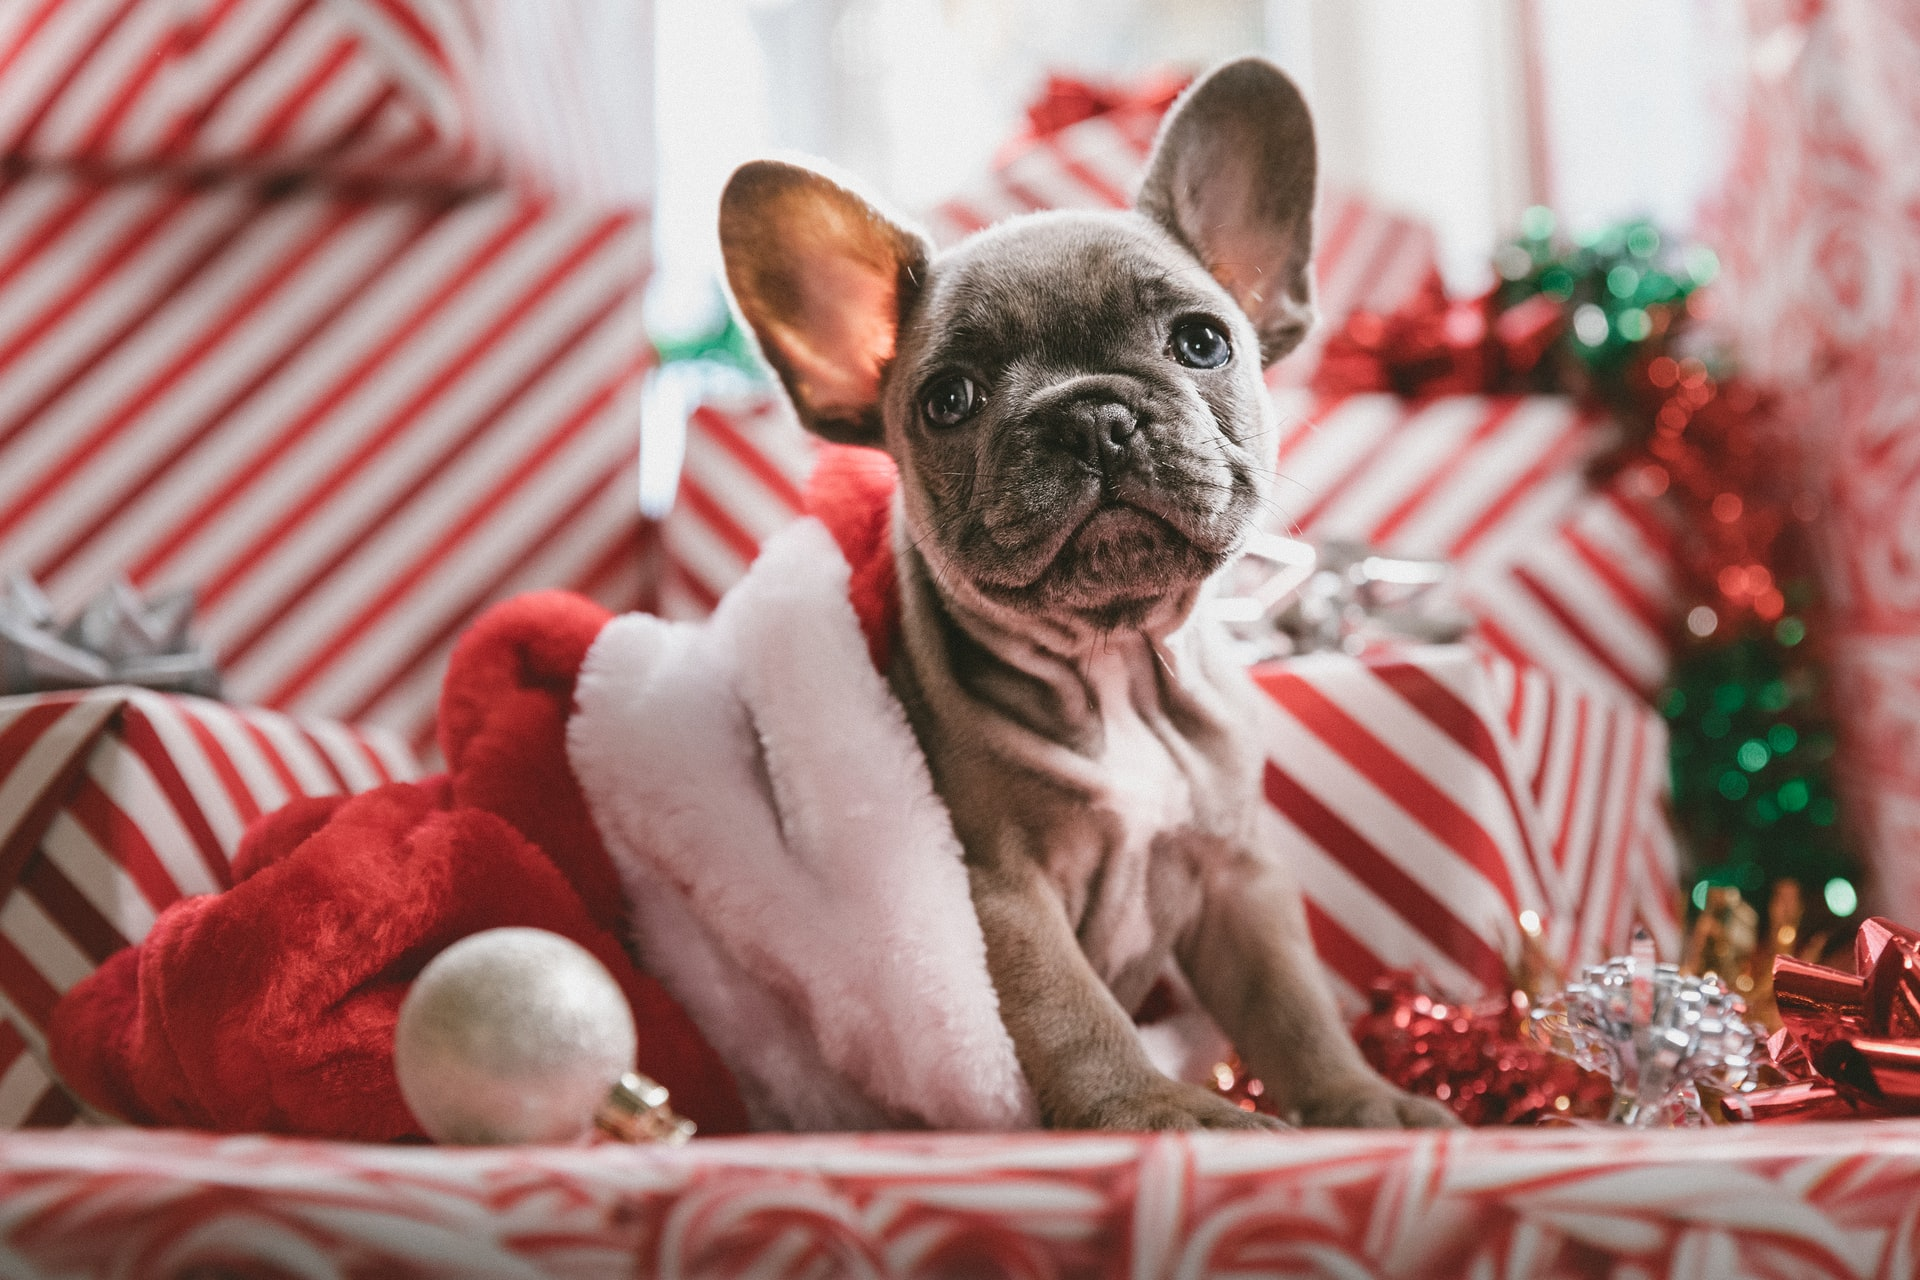 Pensa em dar um pet de presente no Natal? Pense de novo, diz veterinária